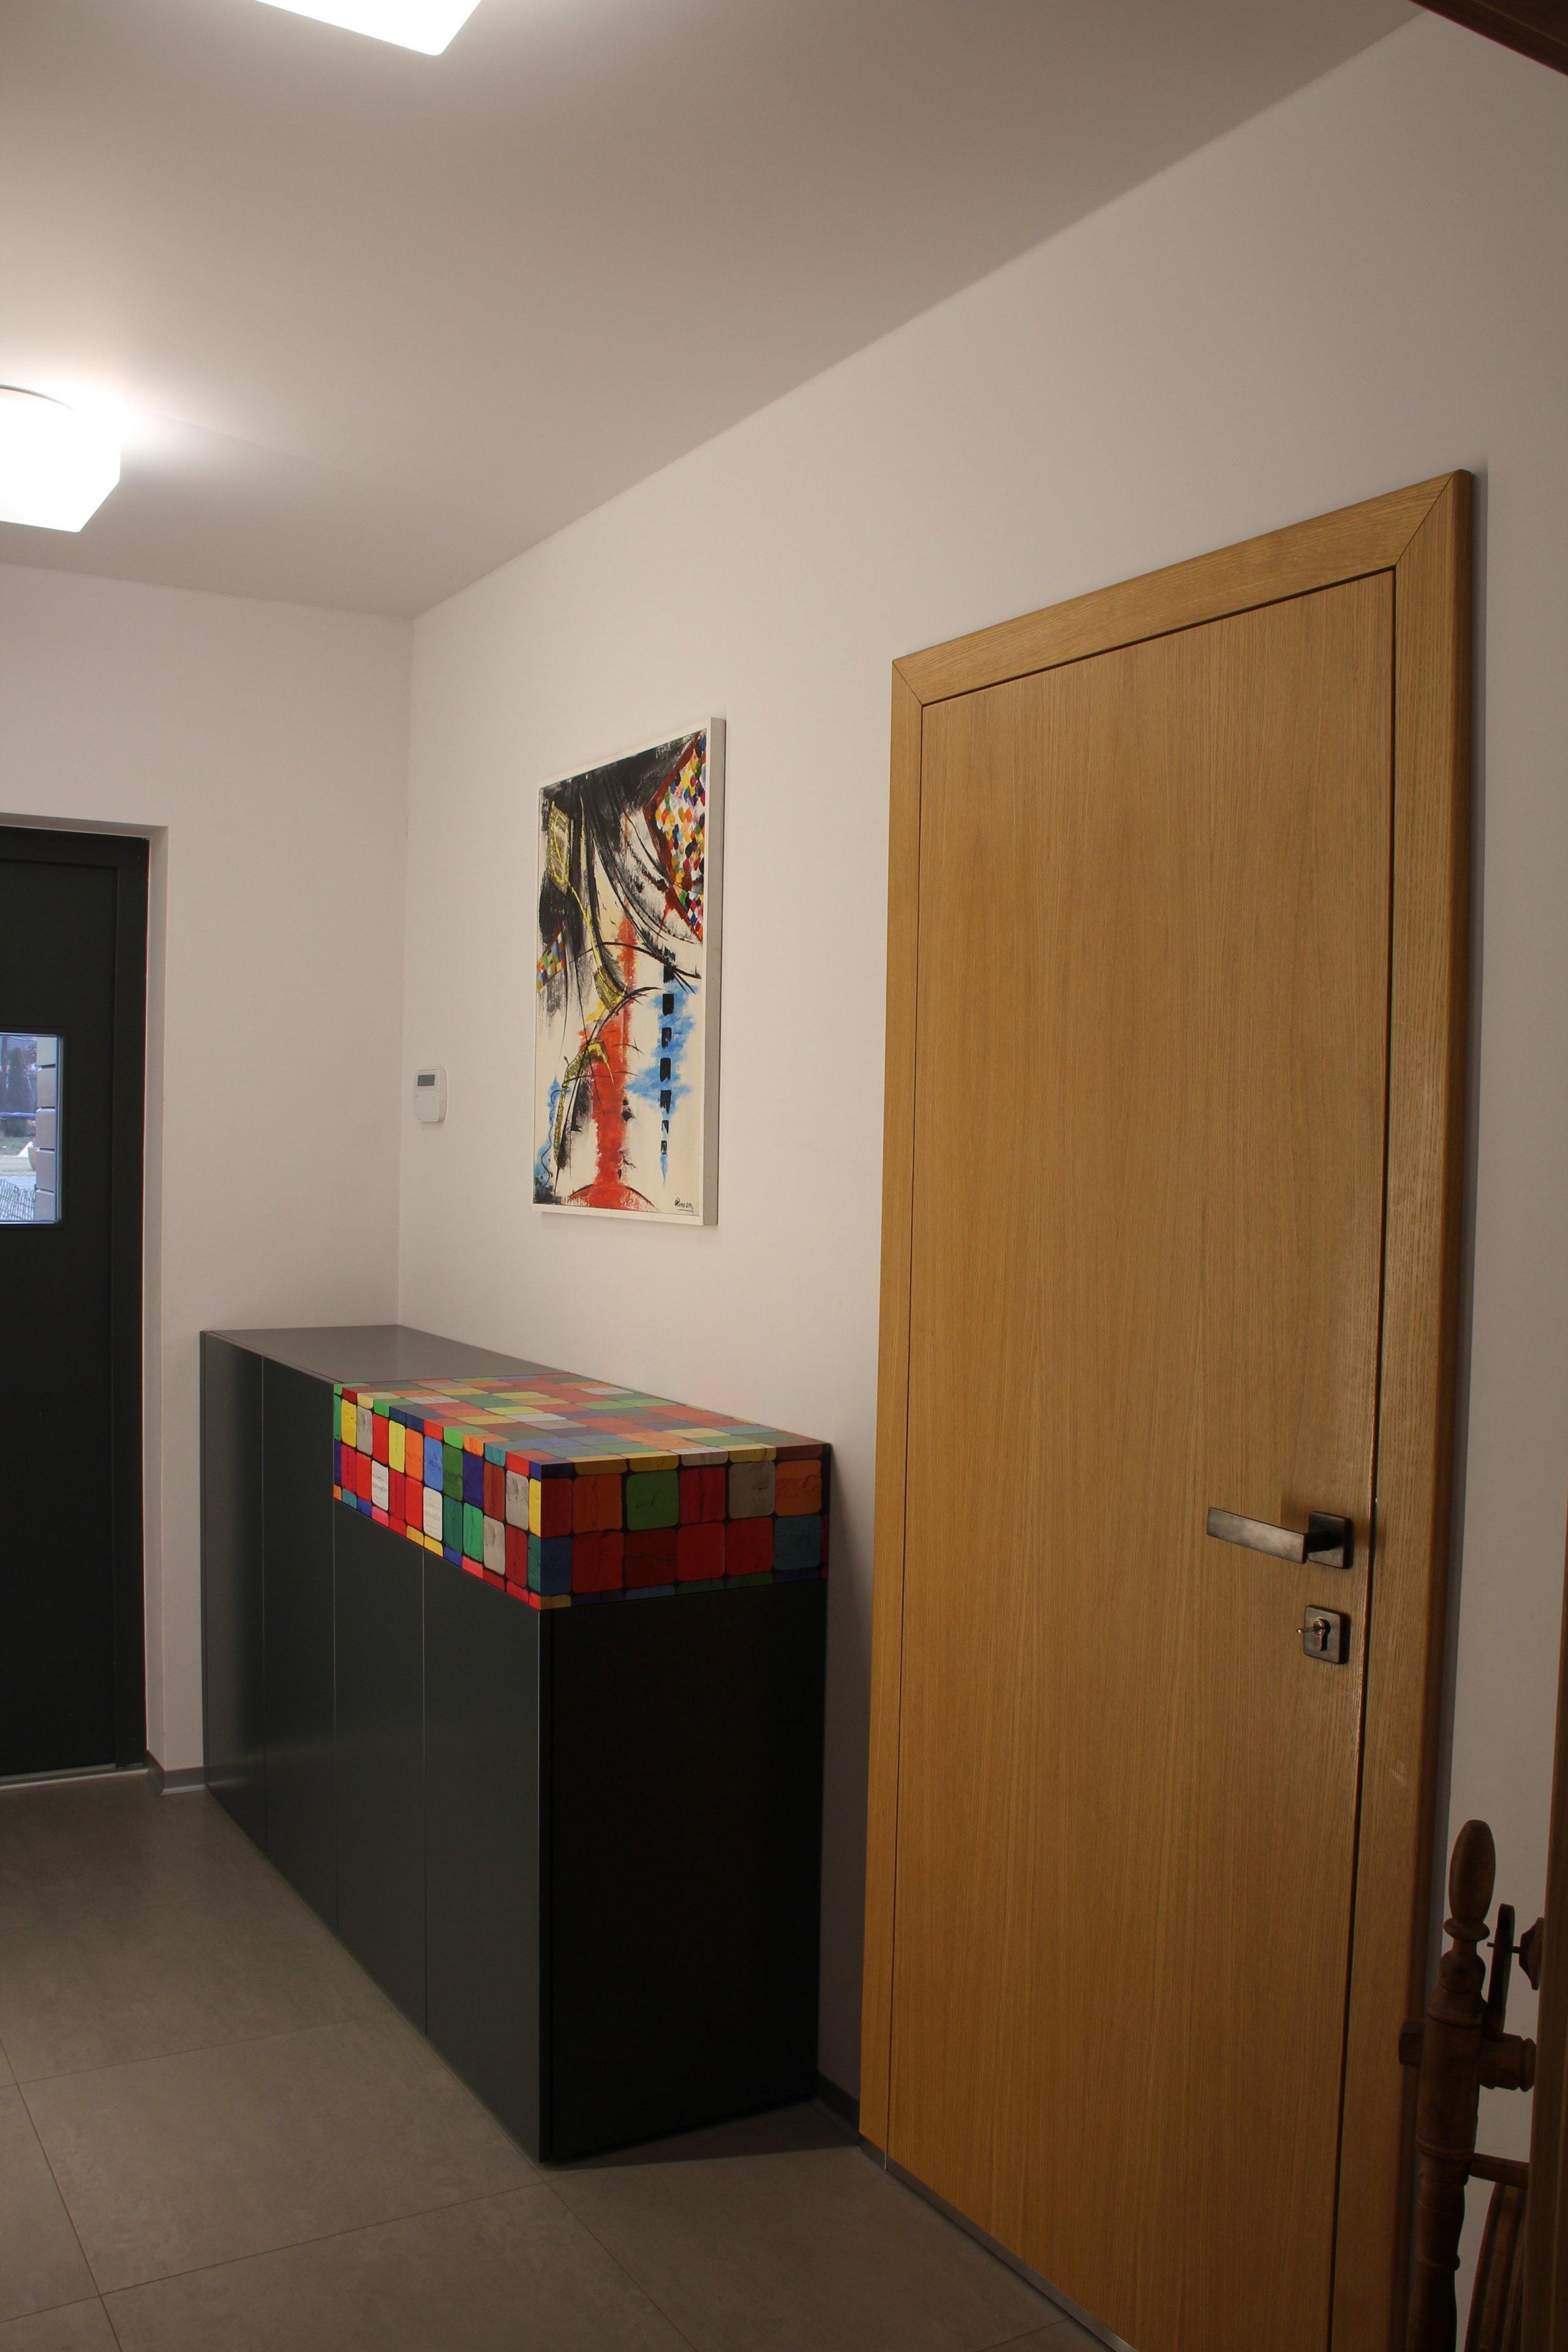 Klient oslovil naši firmu a požadoval vytvoření studie celého interiéru domu, kdy můžeme při tvorbě studie ještě dispozičně měnit projekt. Studie interiéru…